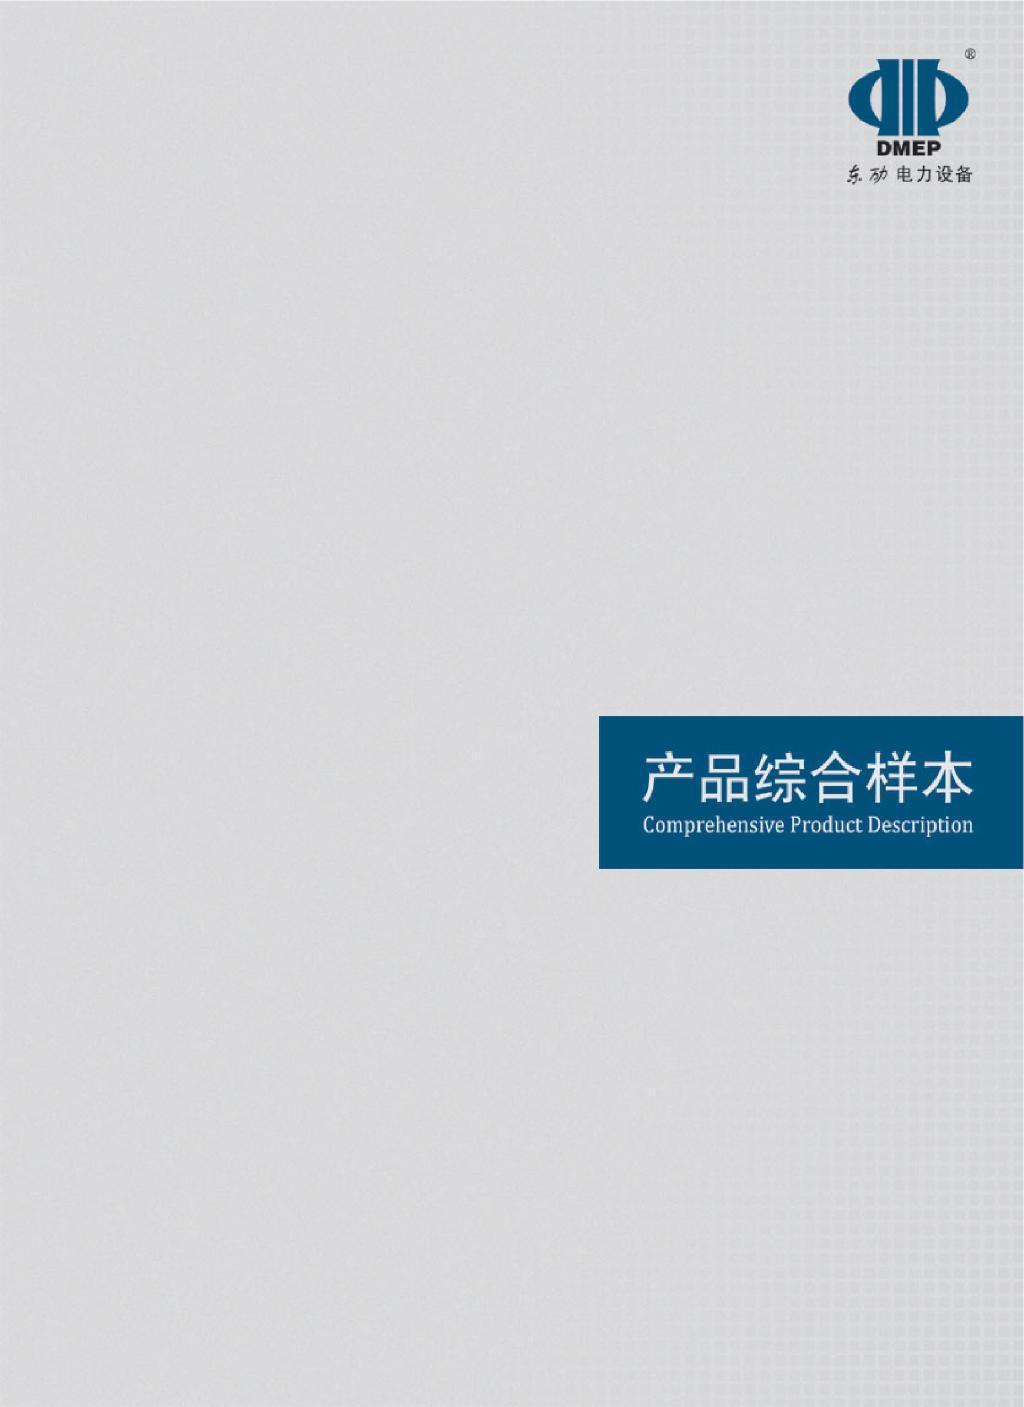 东劢牌电力设备产品综合样本